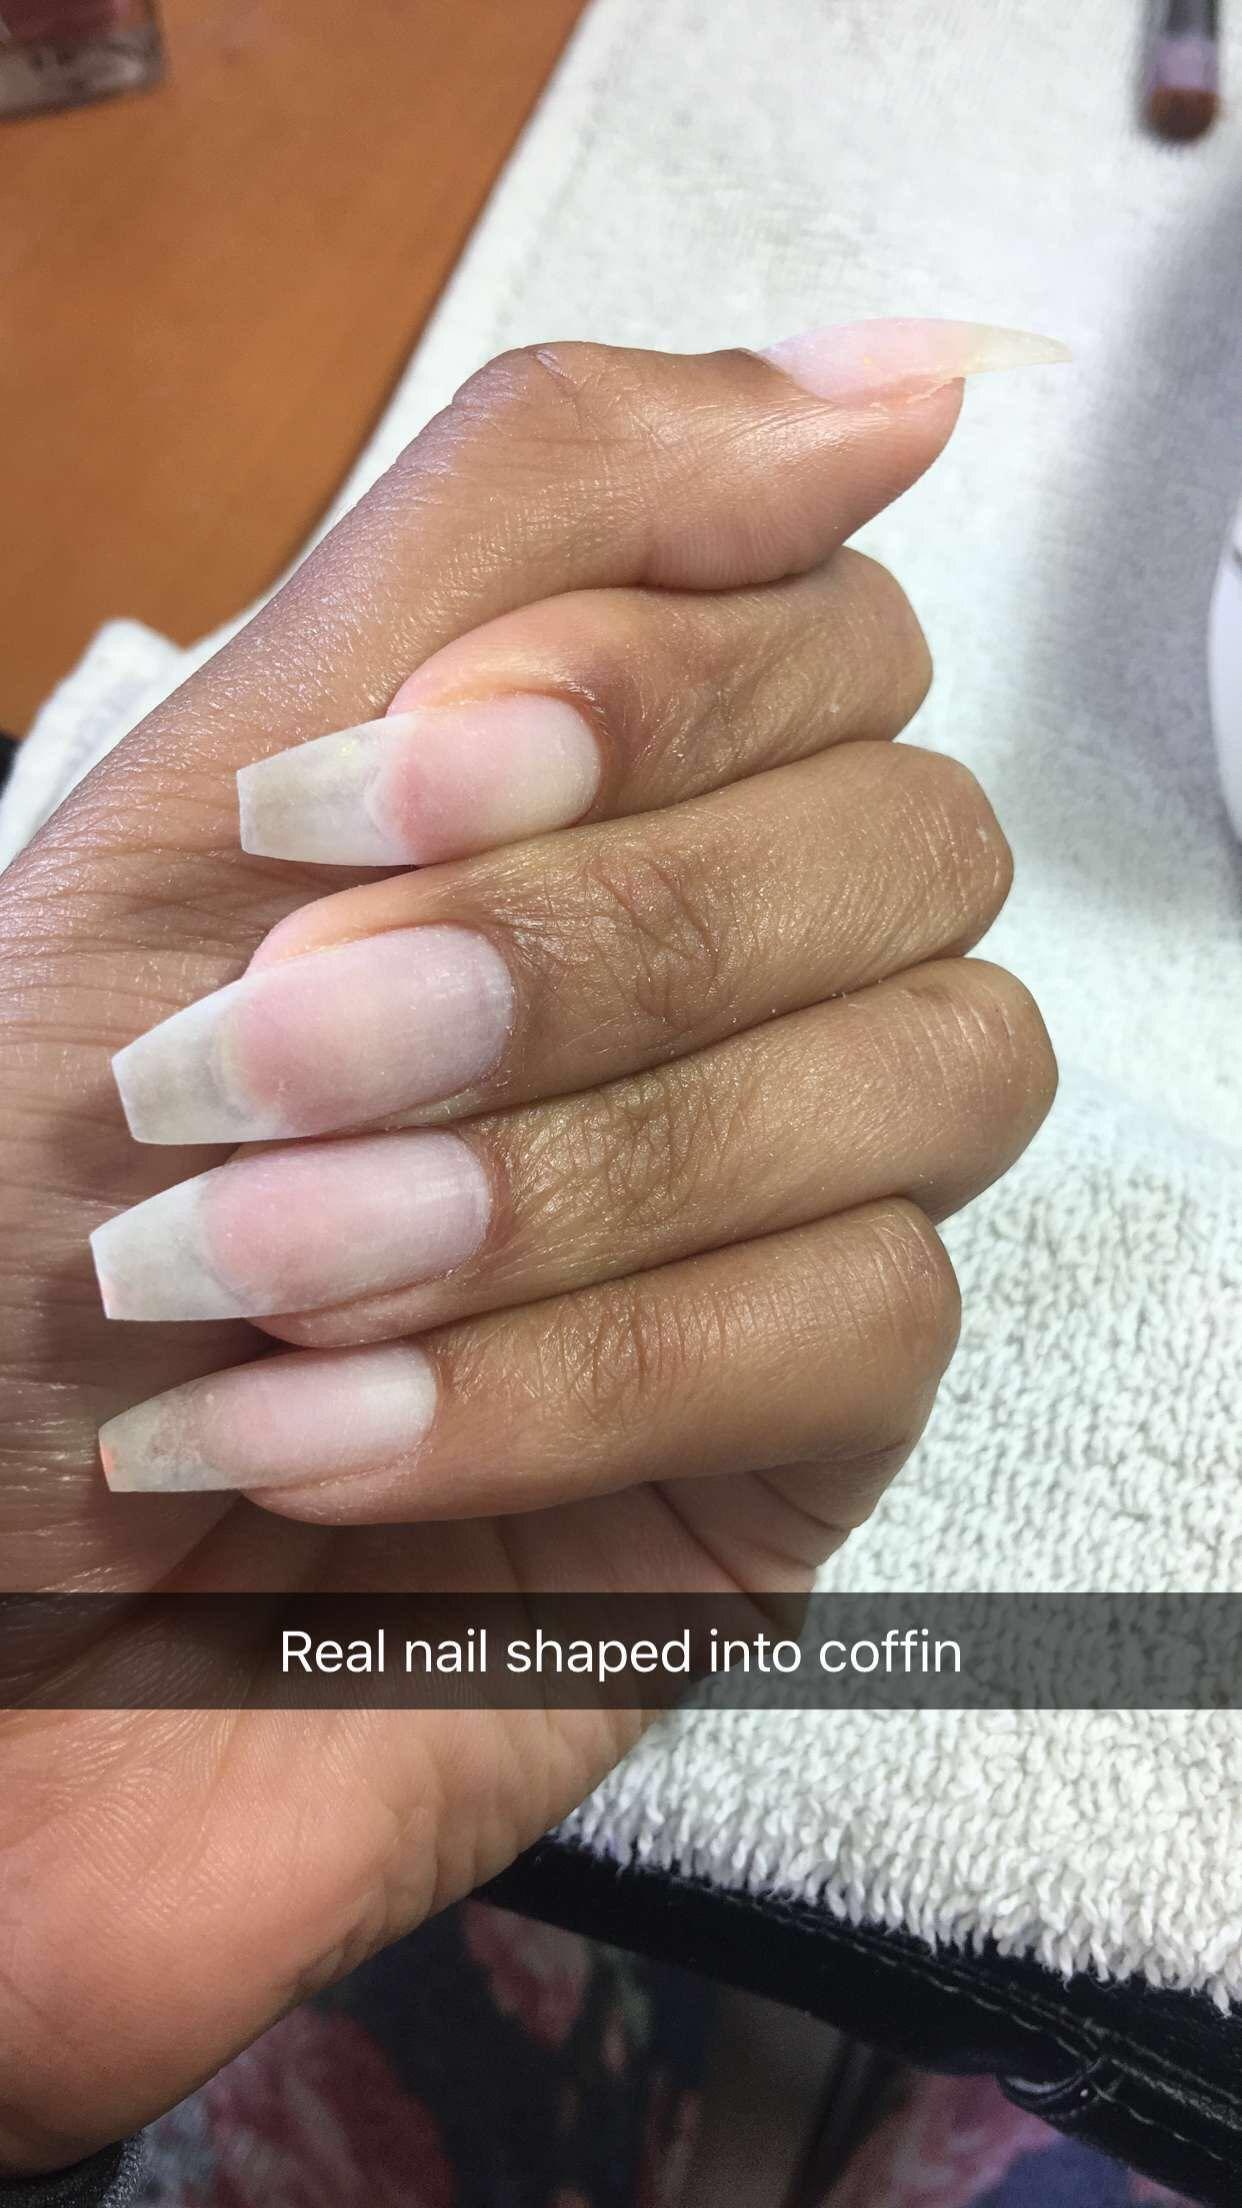 No Acrylic Real Natural Nail Natural Nails Plain Acrylic Nails Pretty Nails